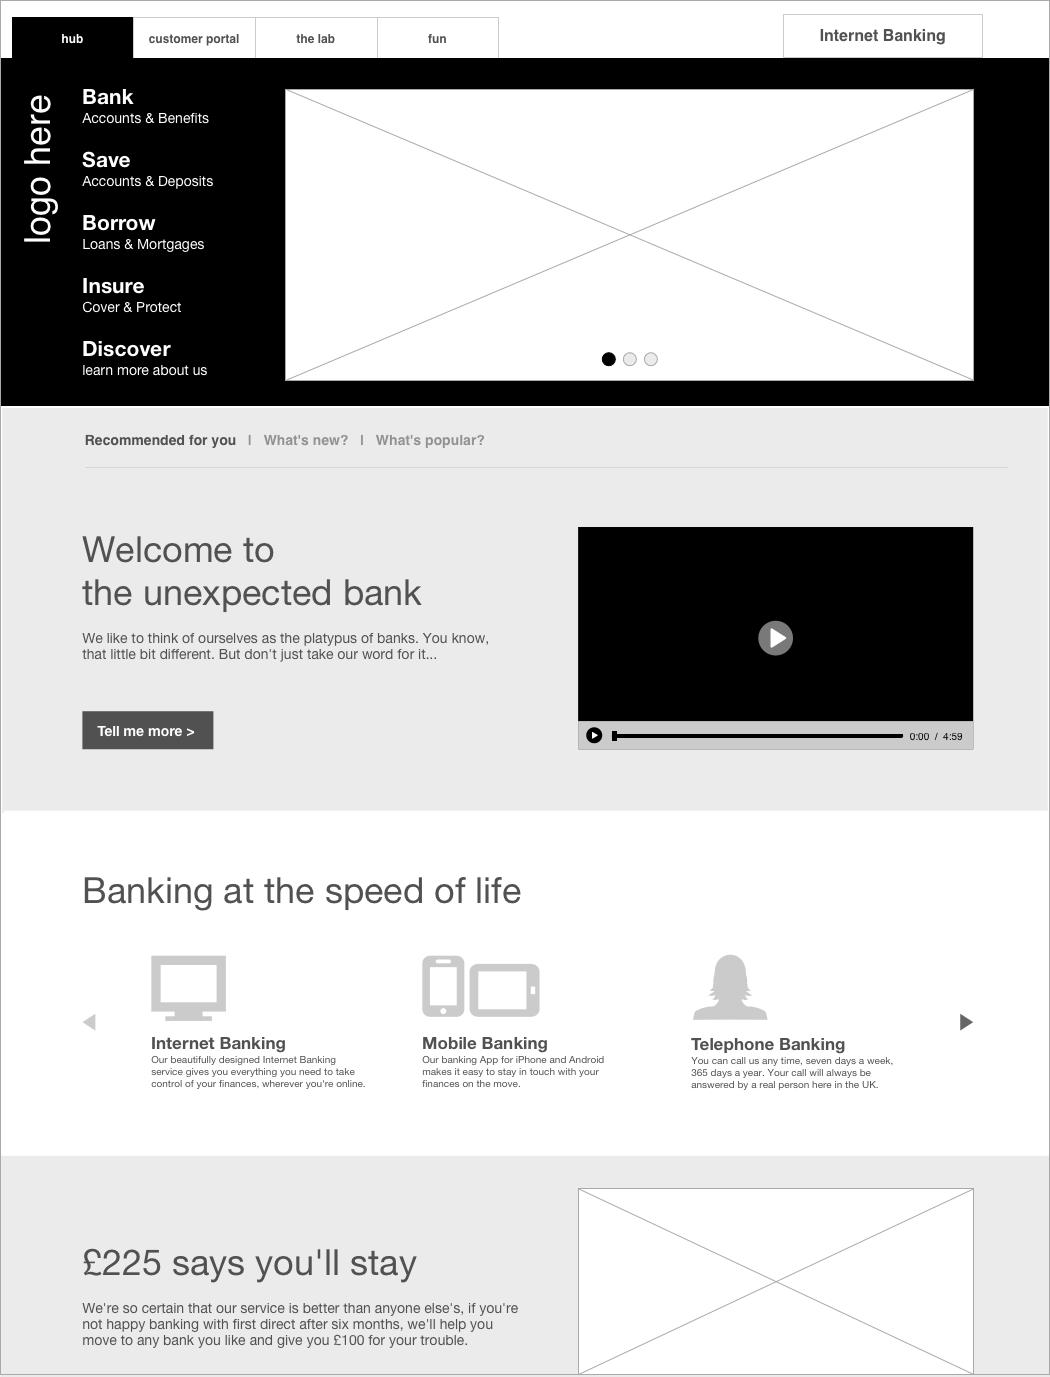 Bank website UX